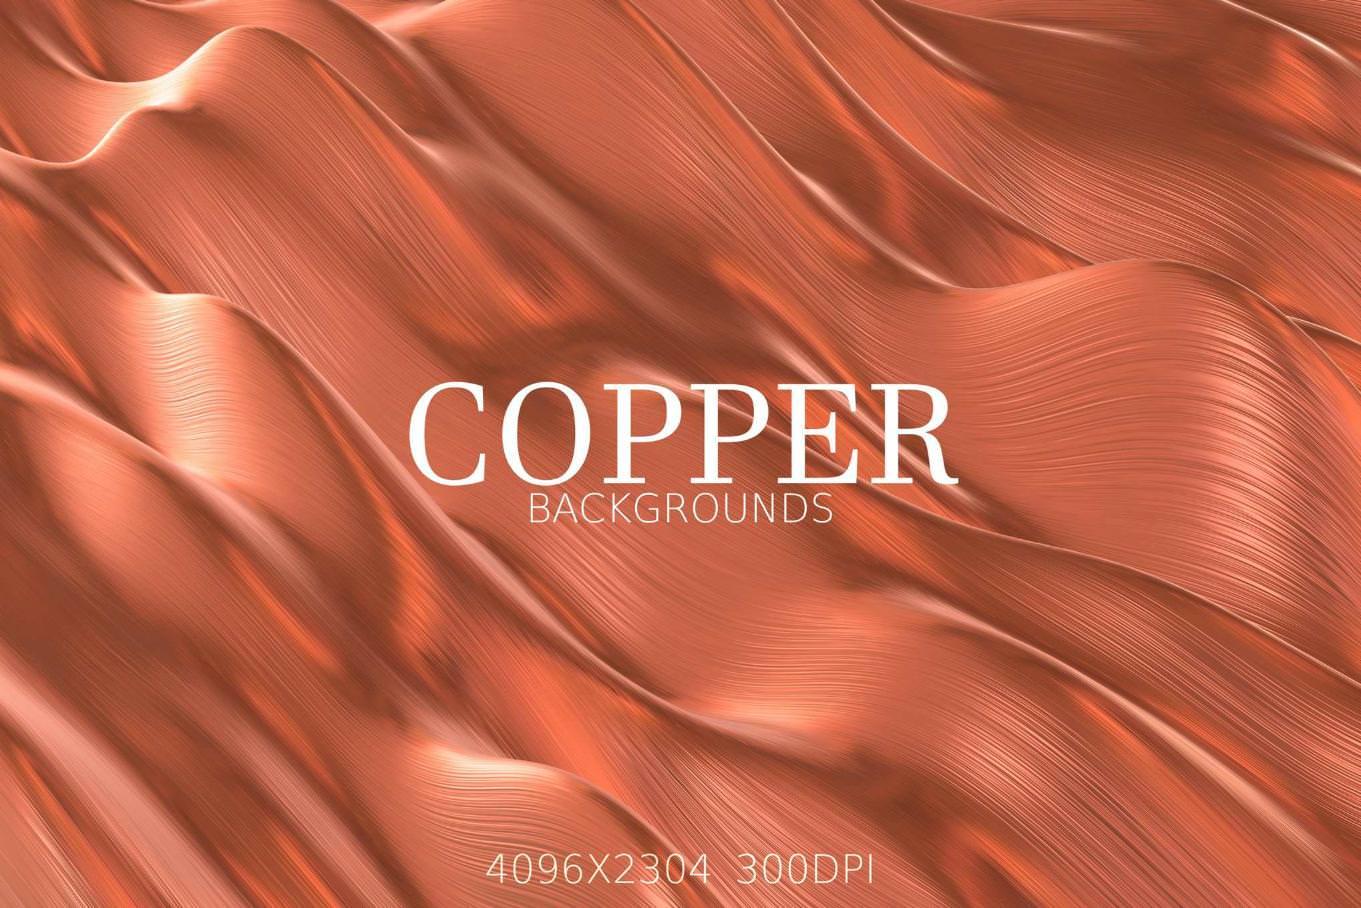 6种铜丝铜制效果纹理背景